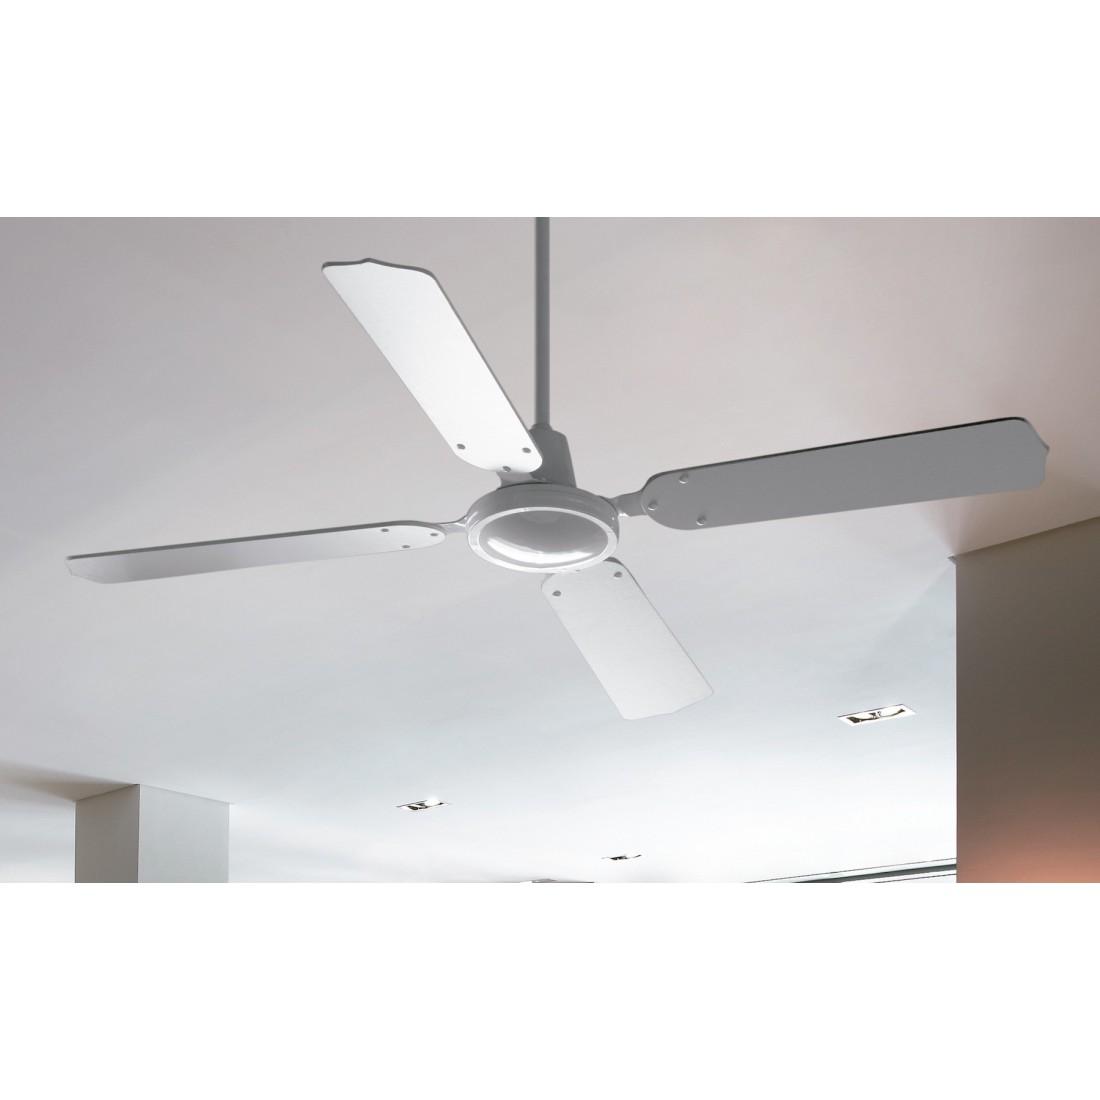 Ventilador de techo con regulador de pared ai05 bl - Ventilador techo ...